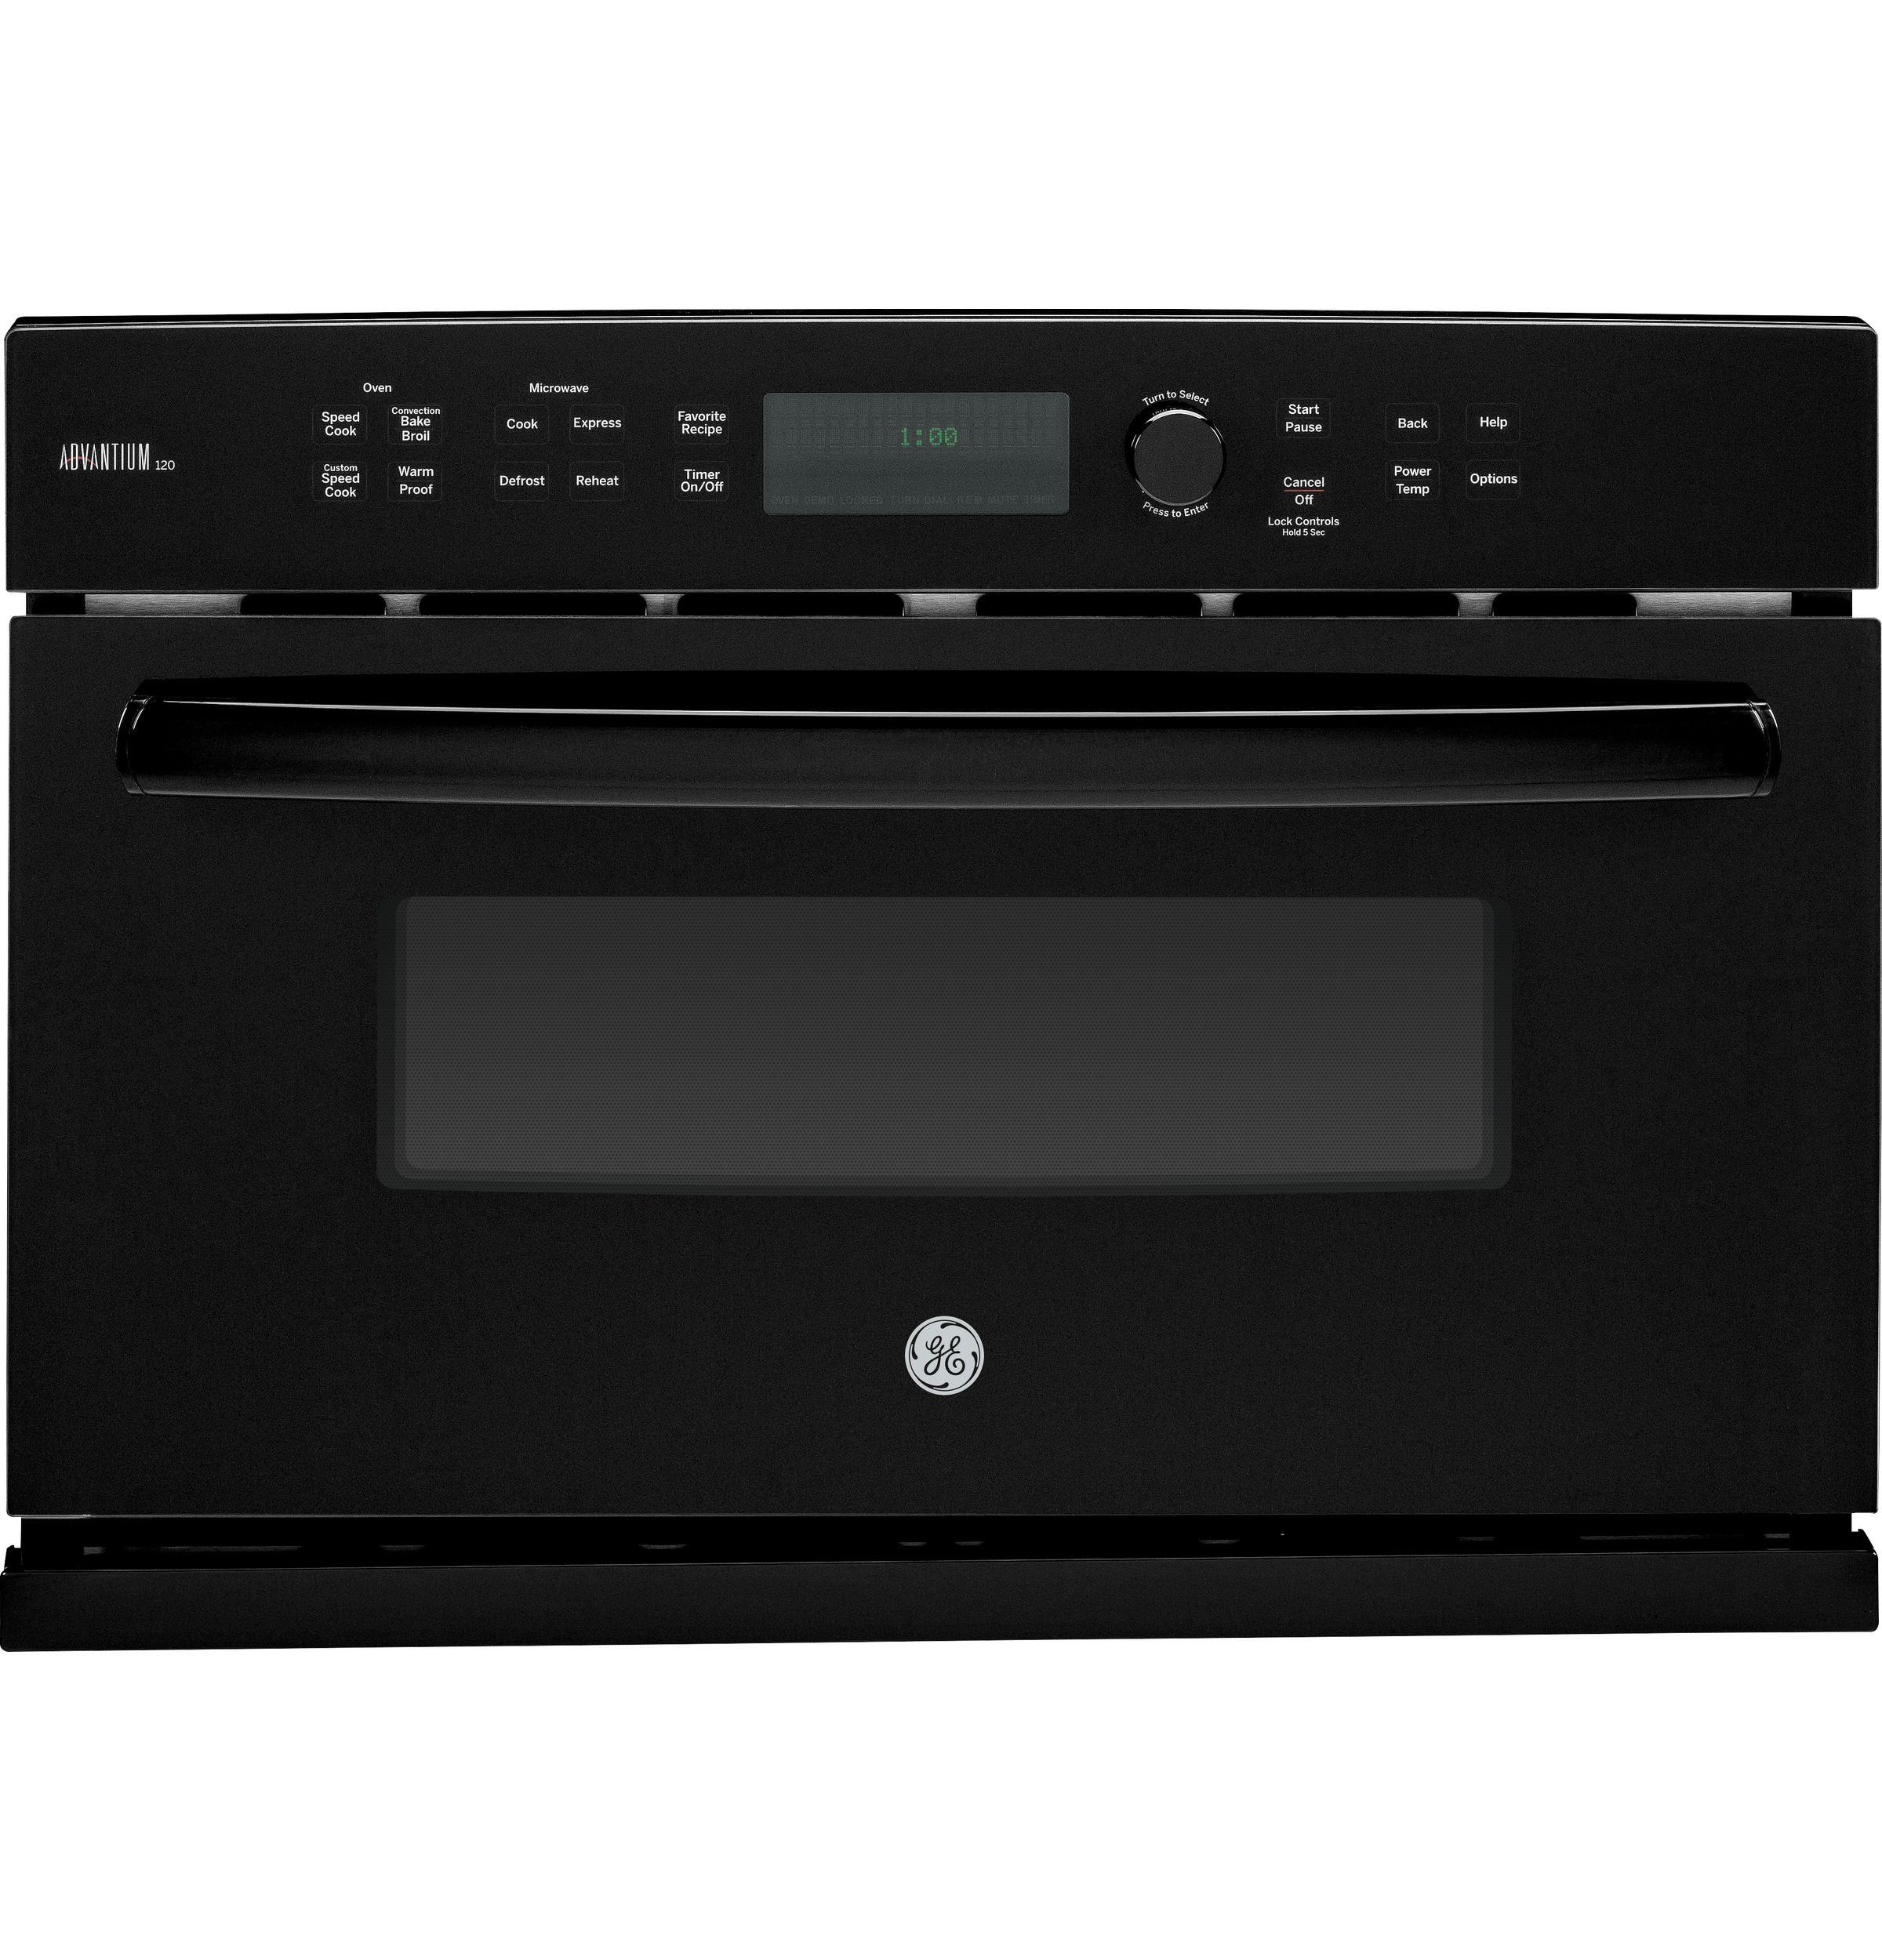 GE Profile™ Series 27 in. Single Wall Oven Advantium